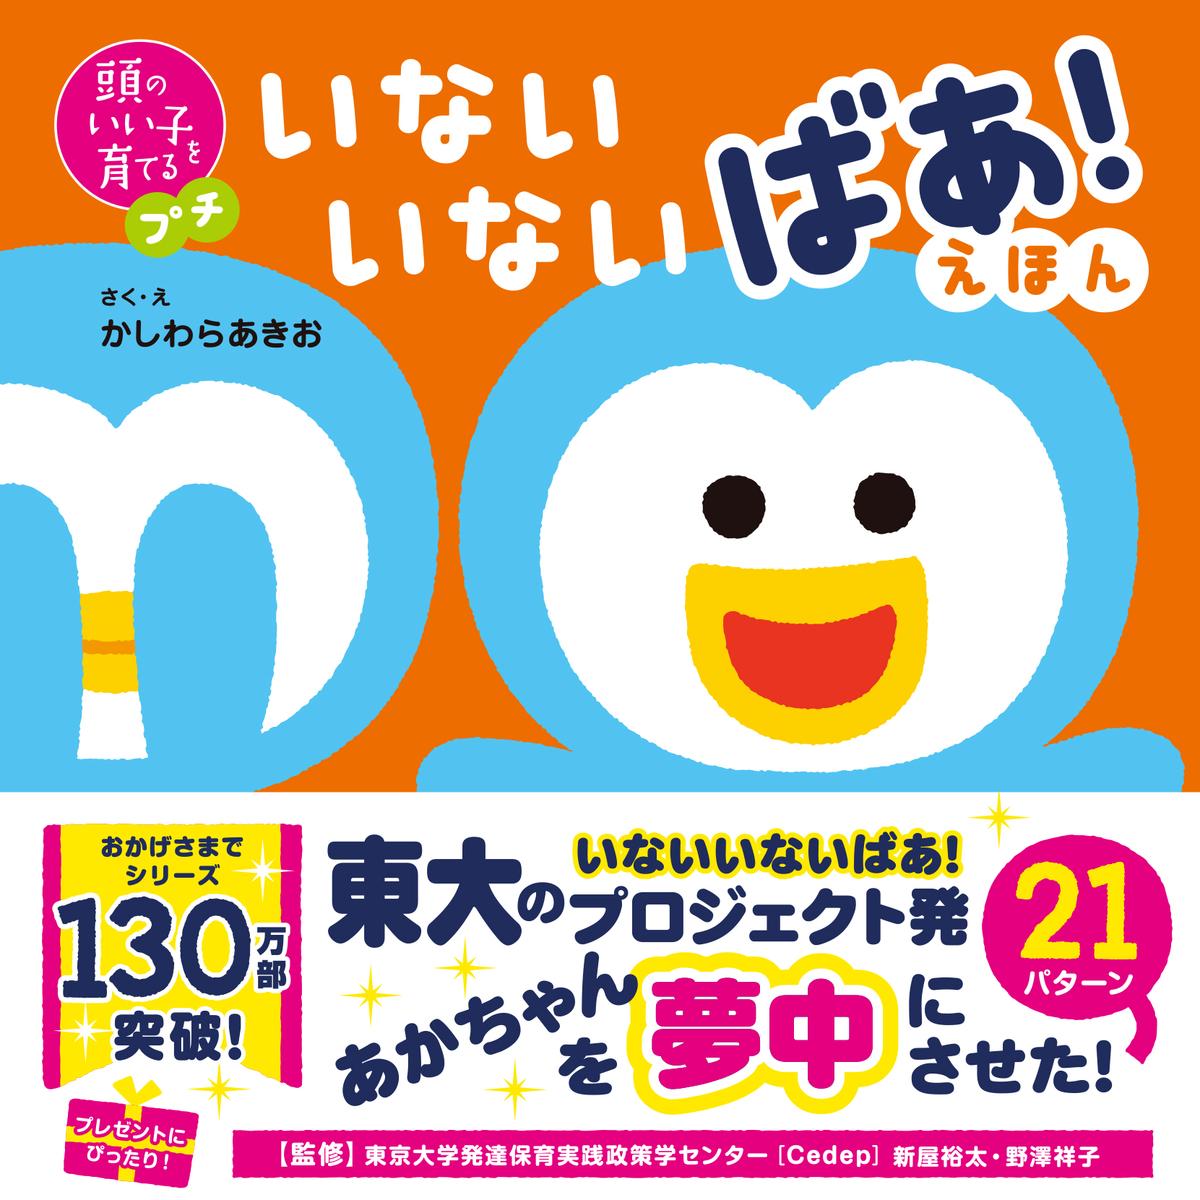 f:id:mojiru:20200612082752j:plain